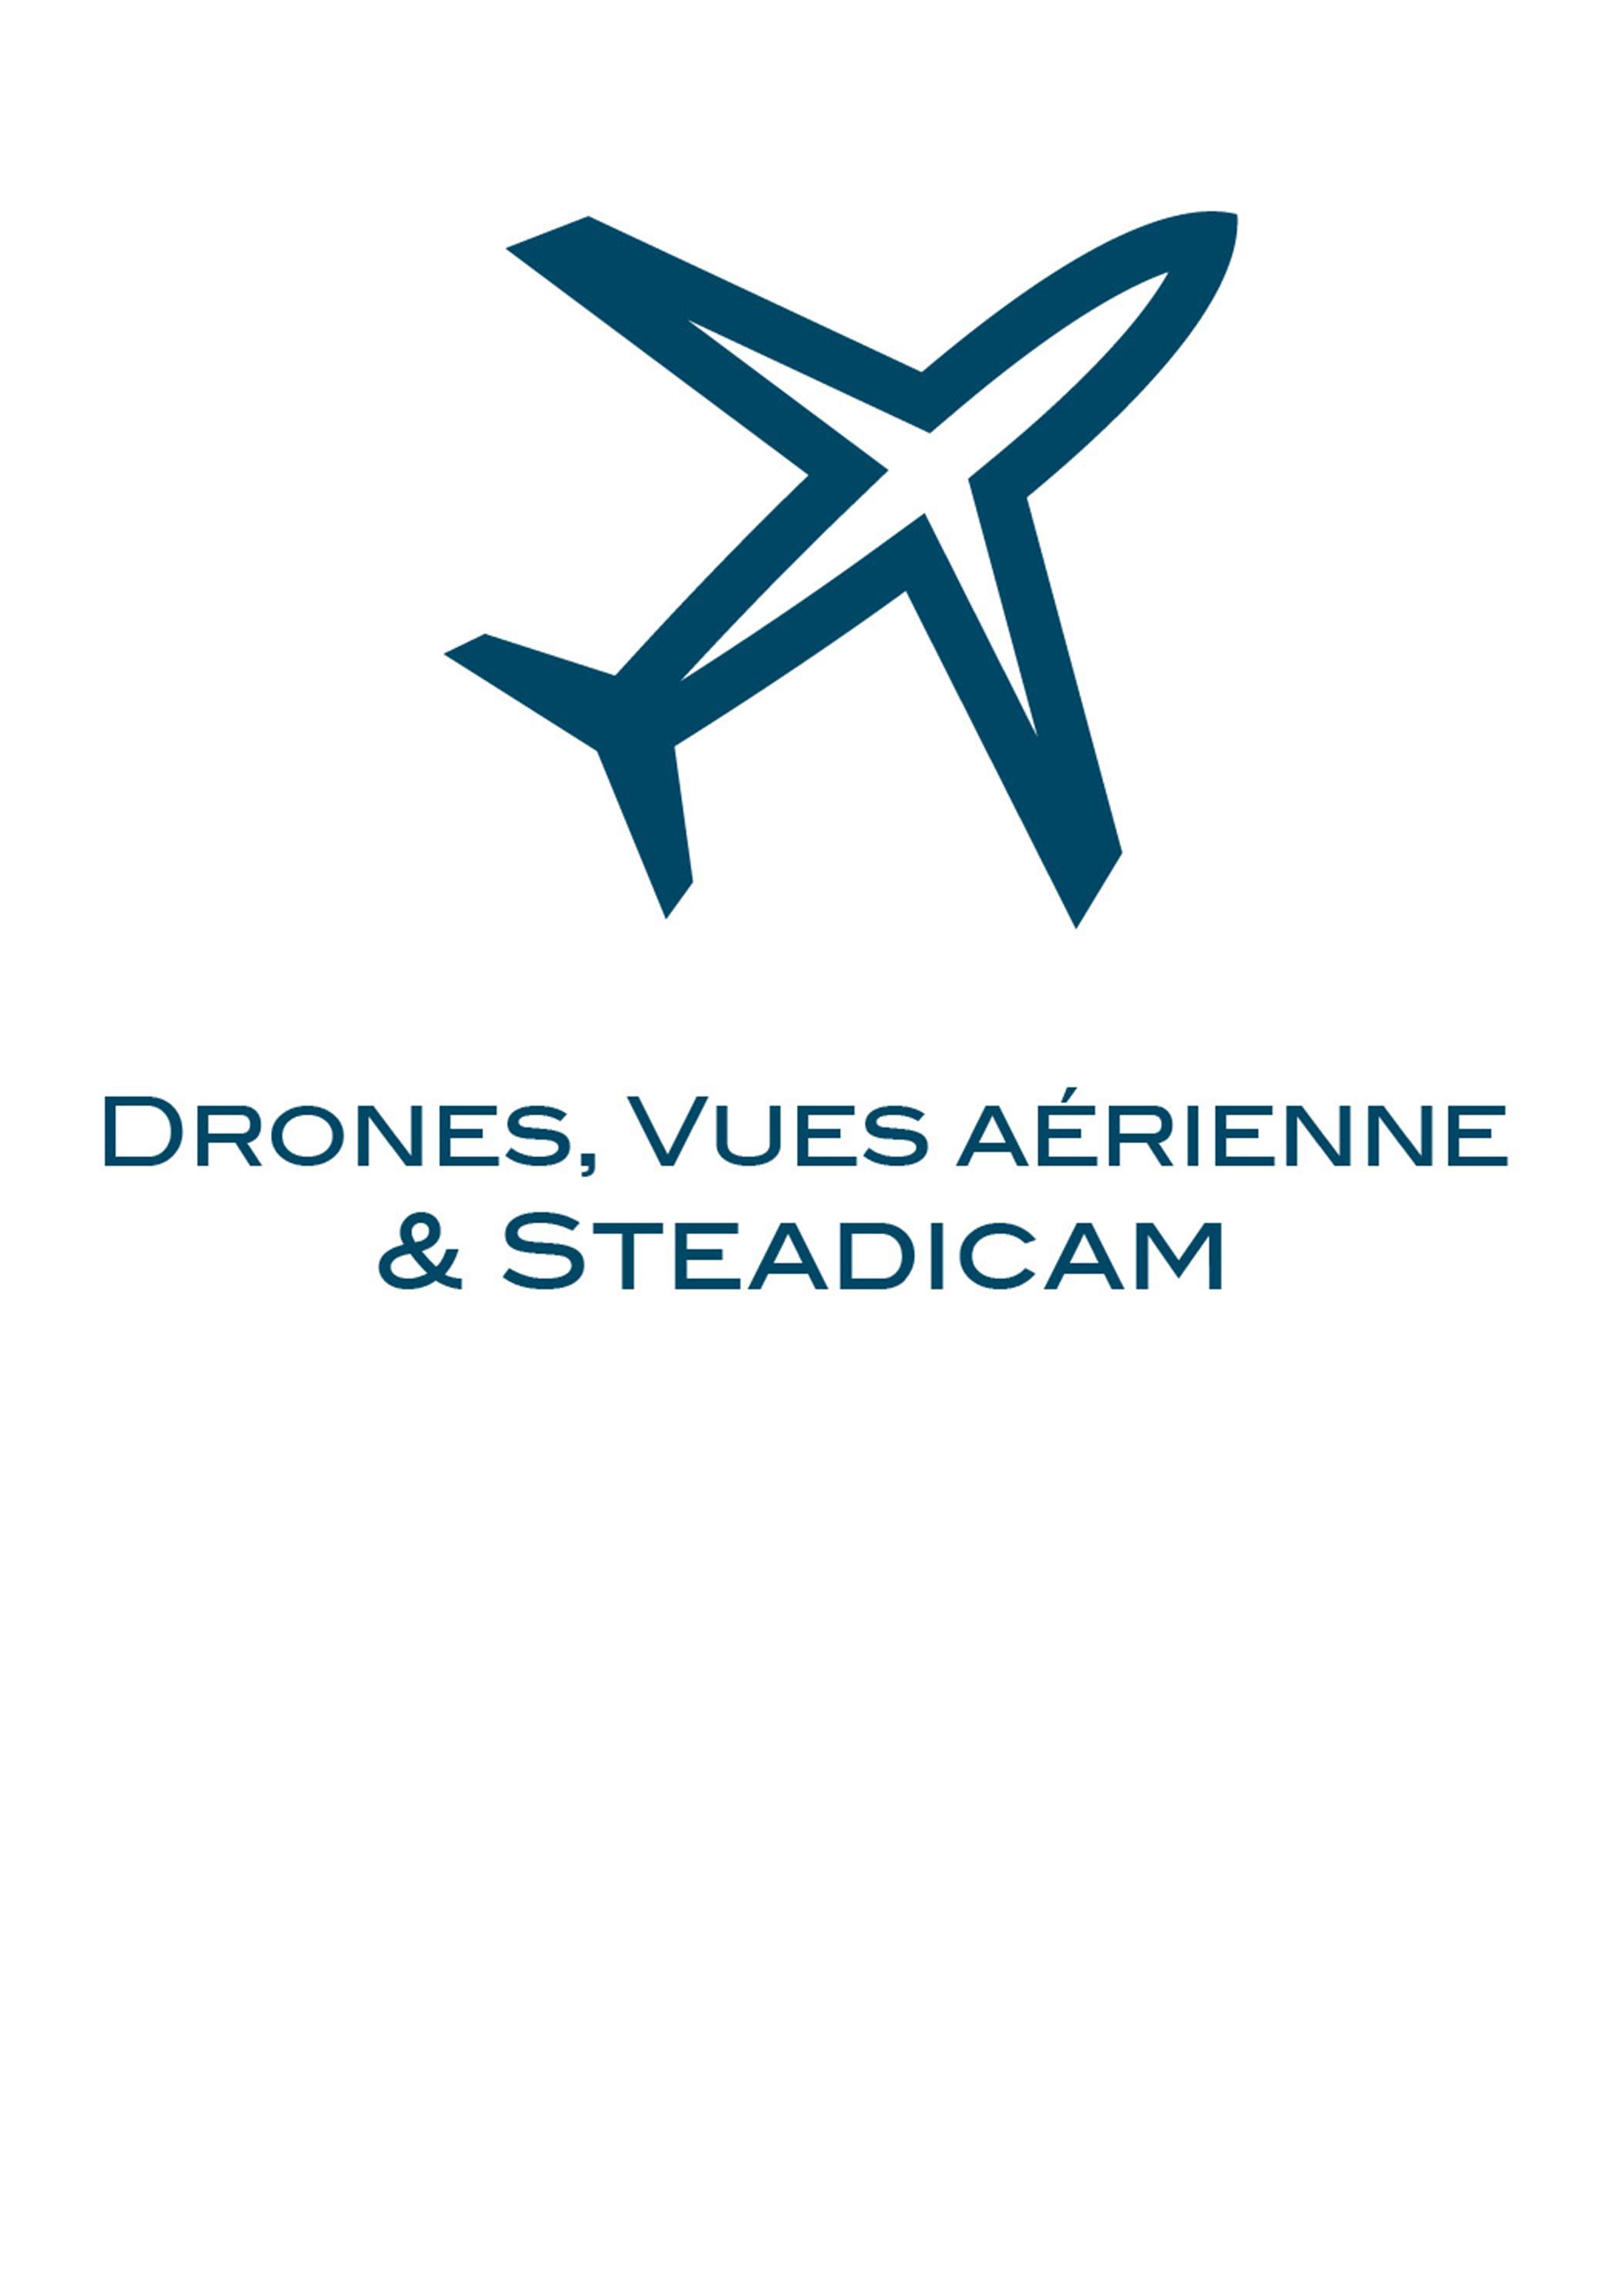 Nous travaillons régulièrement avec des techniciens spécialistes: opérateurs de Steadicam, spécialistes de vues aérienne et pilotage de drones, caméra sous-marine et des technologie de motion control.